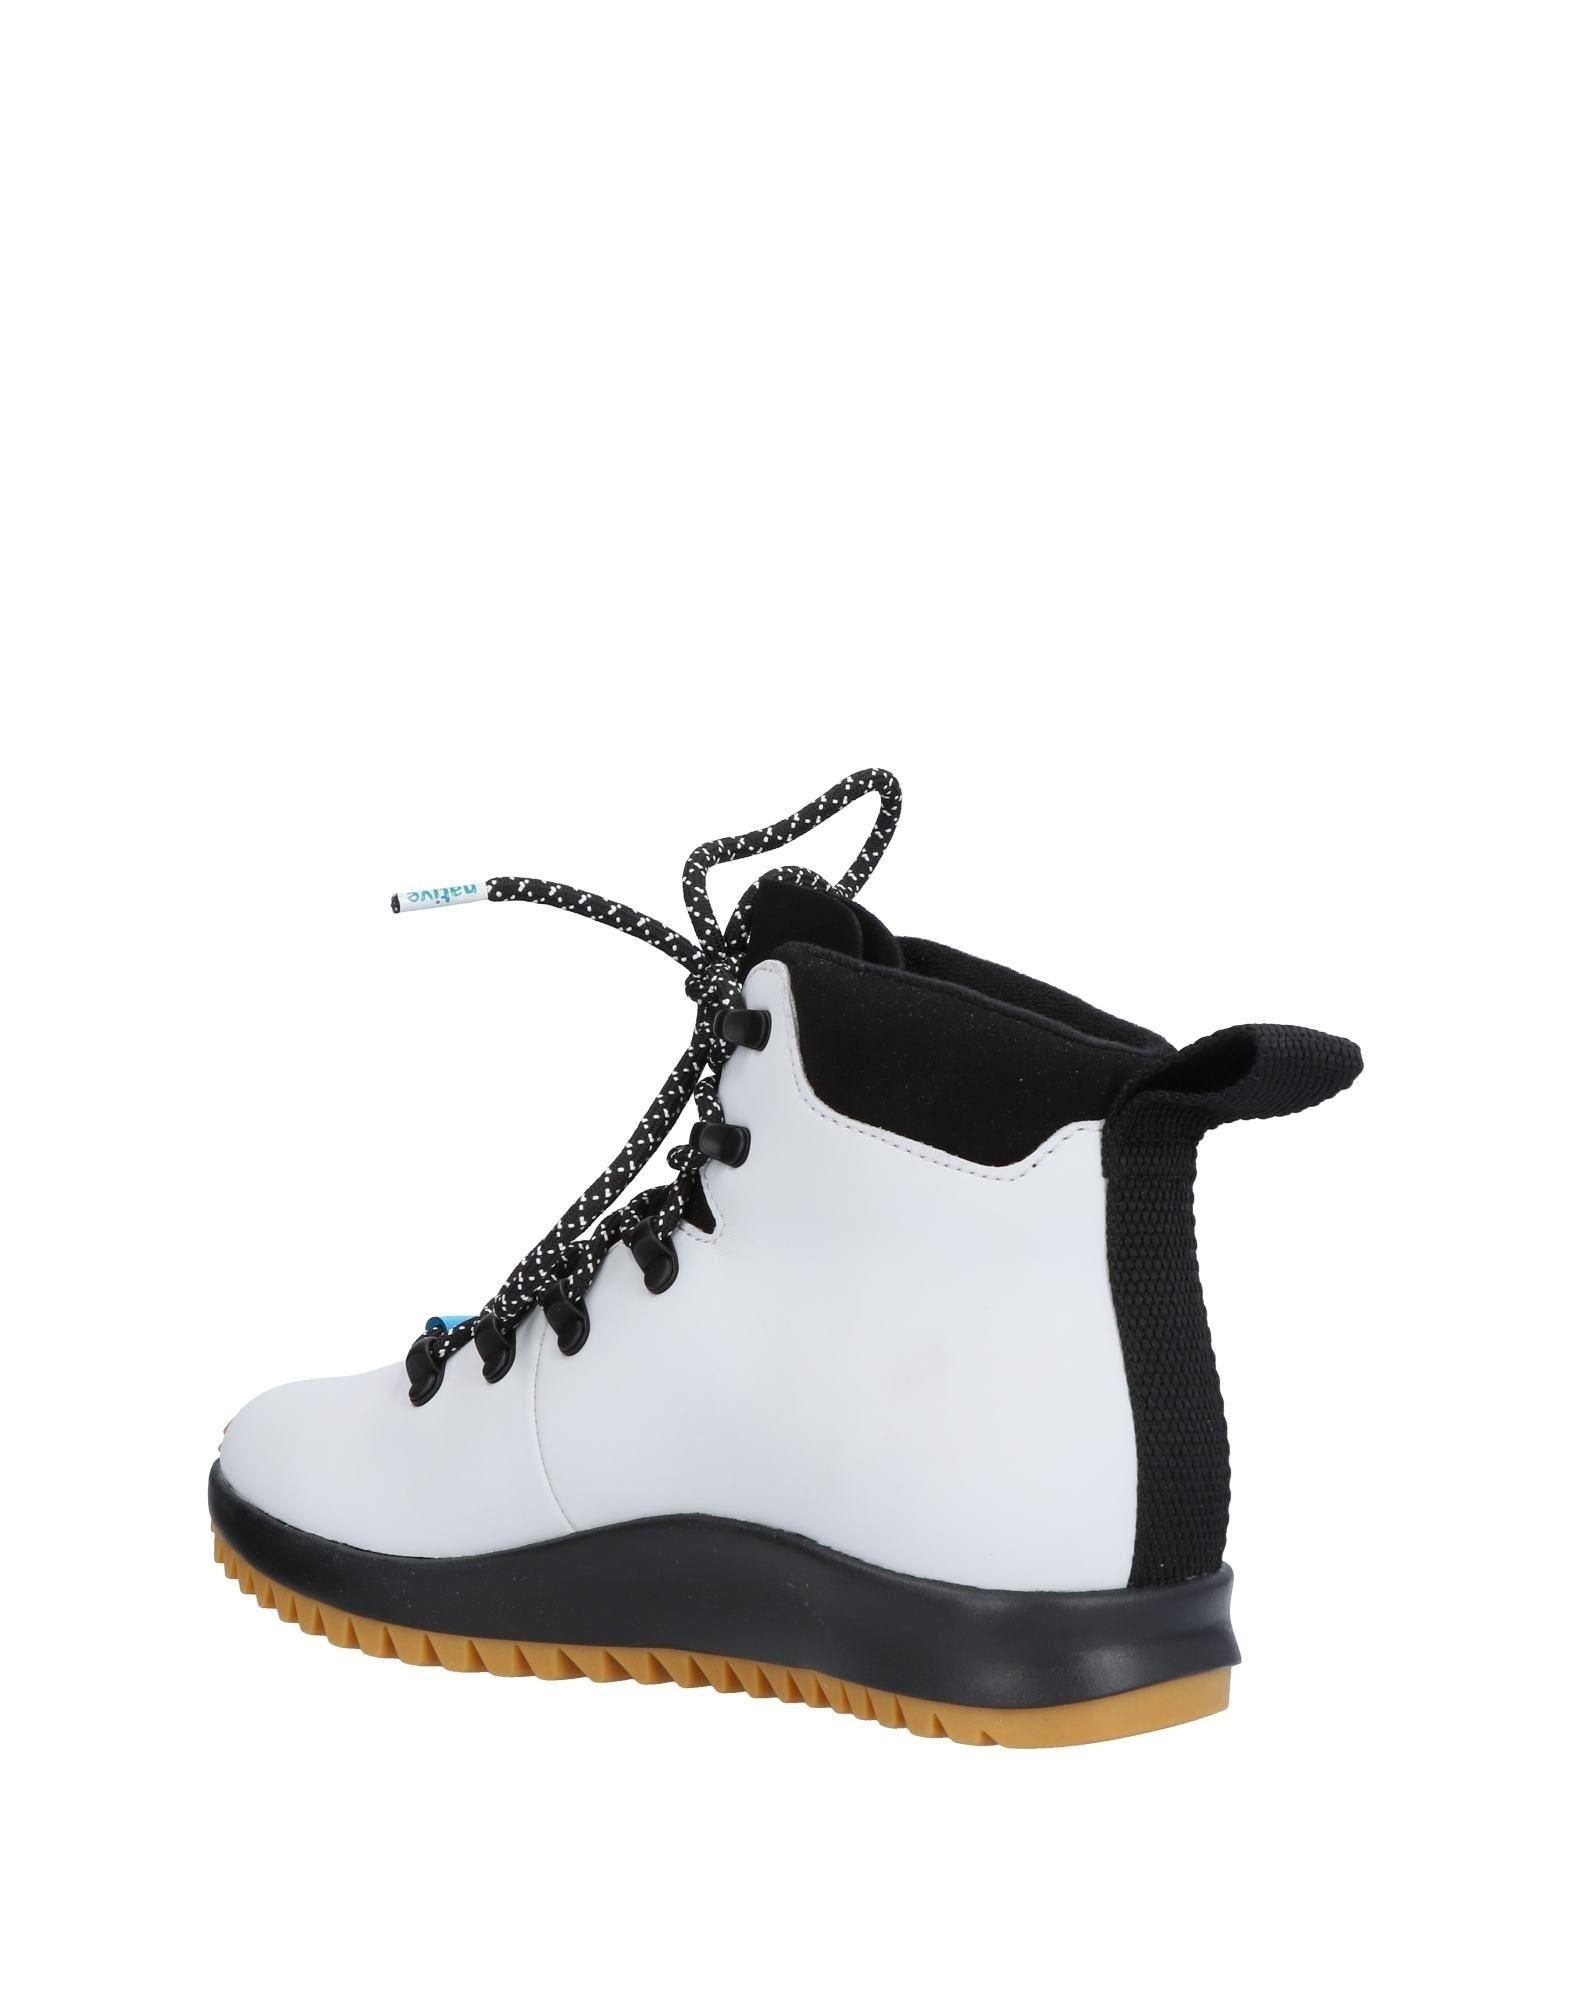 Native Sneakers Damen  11473834LO 11473834LO   a2c9ed